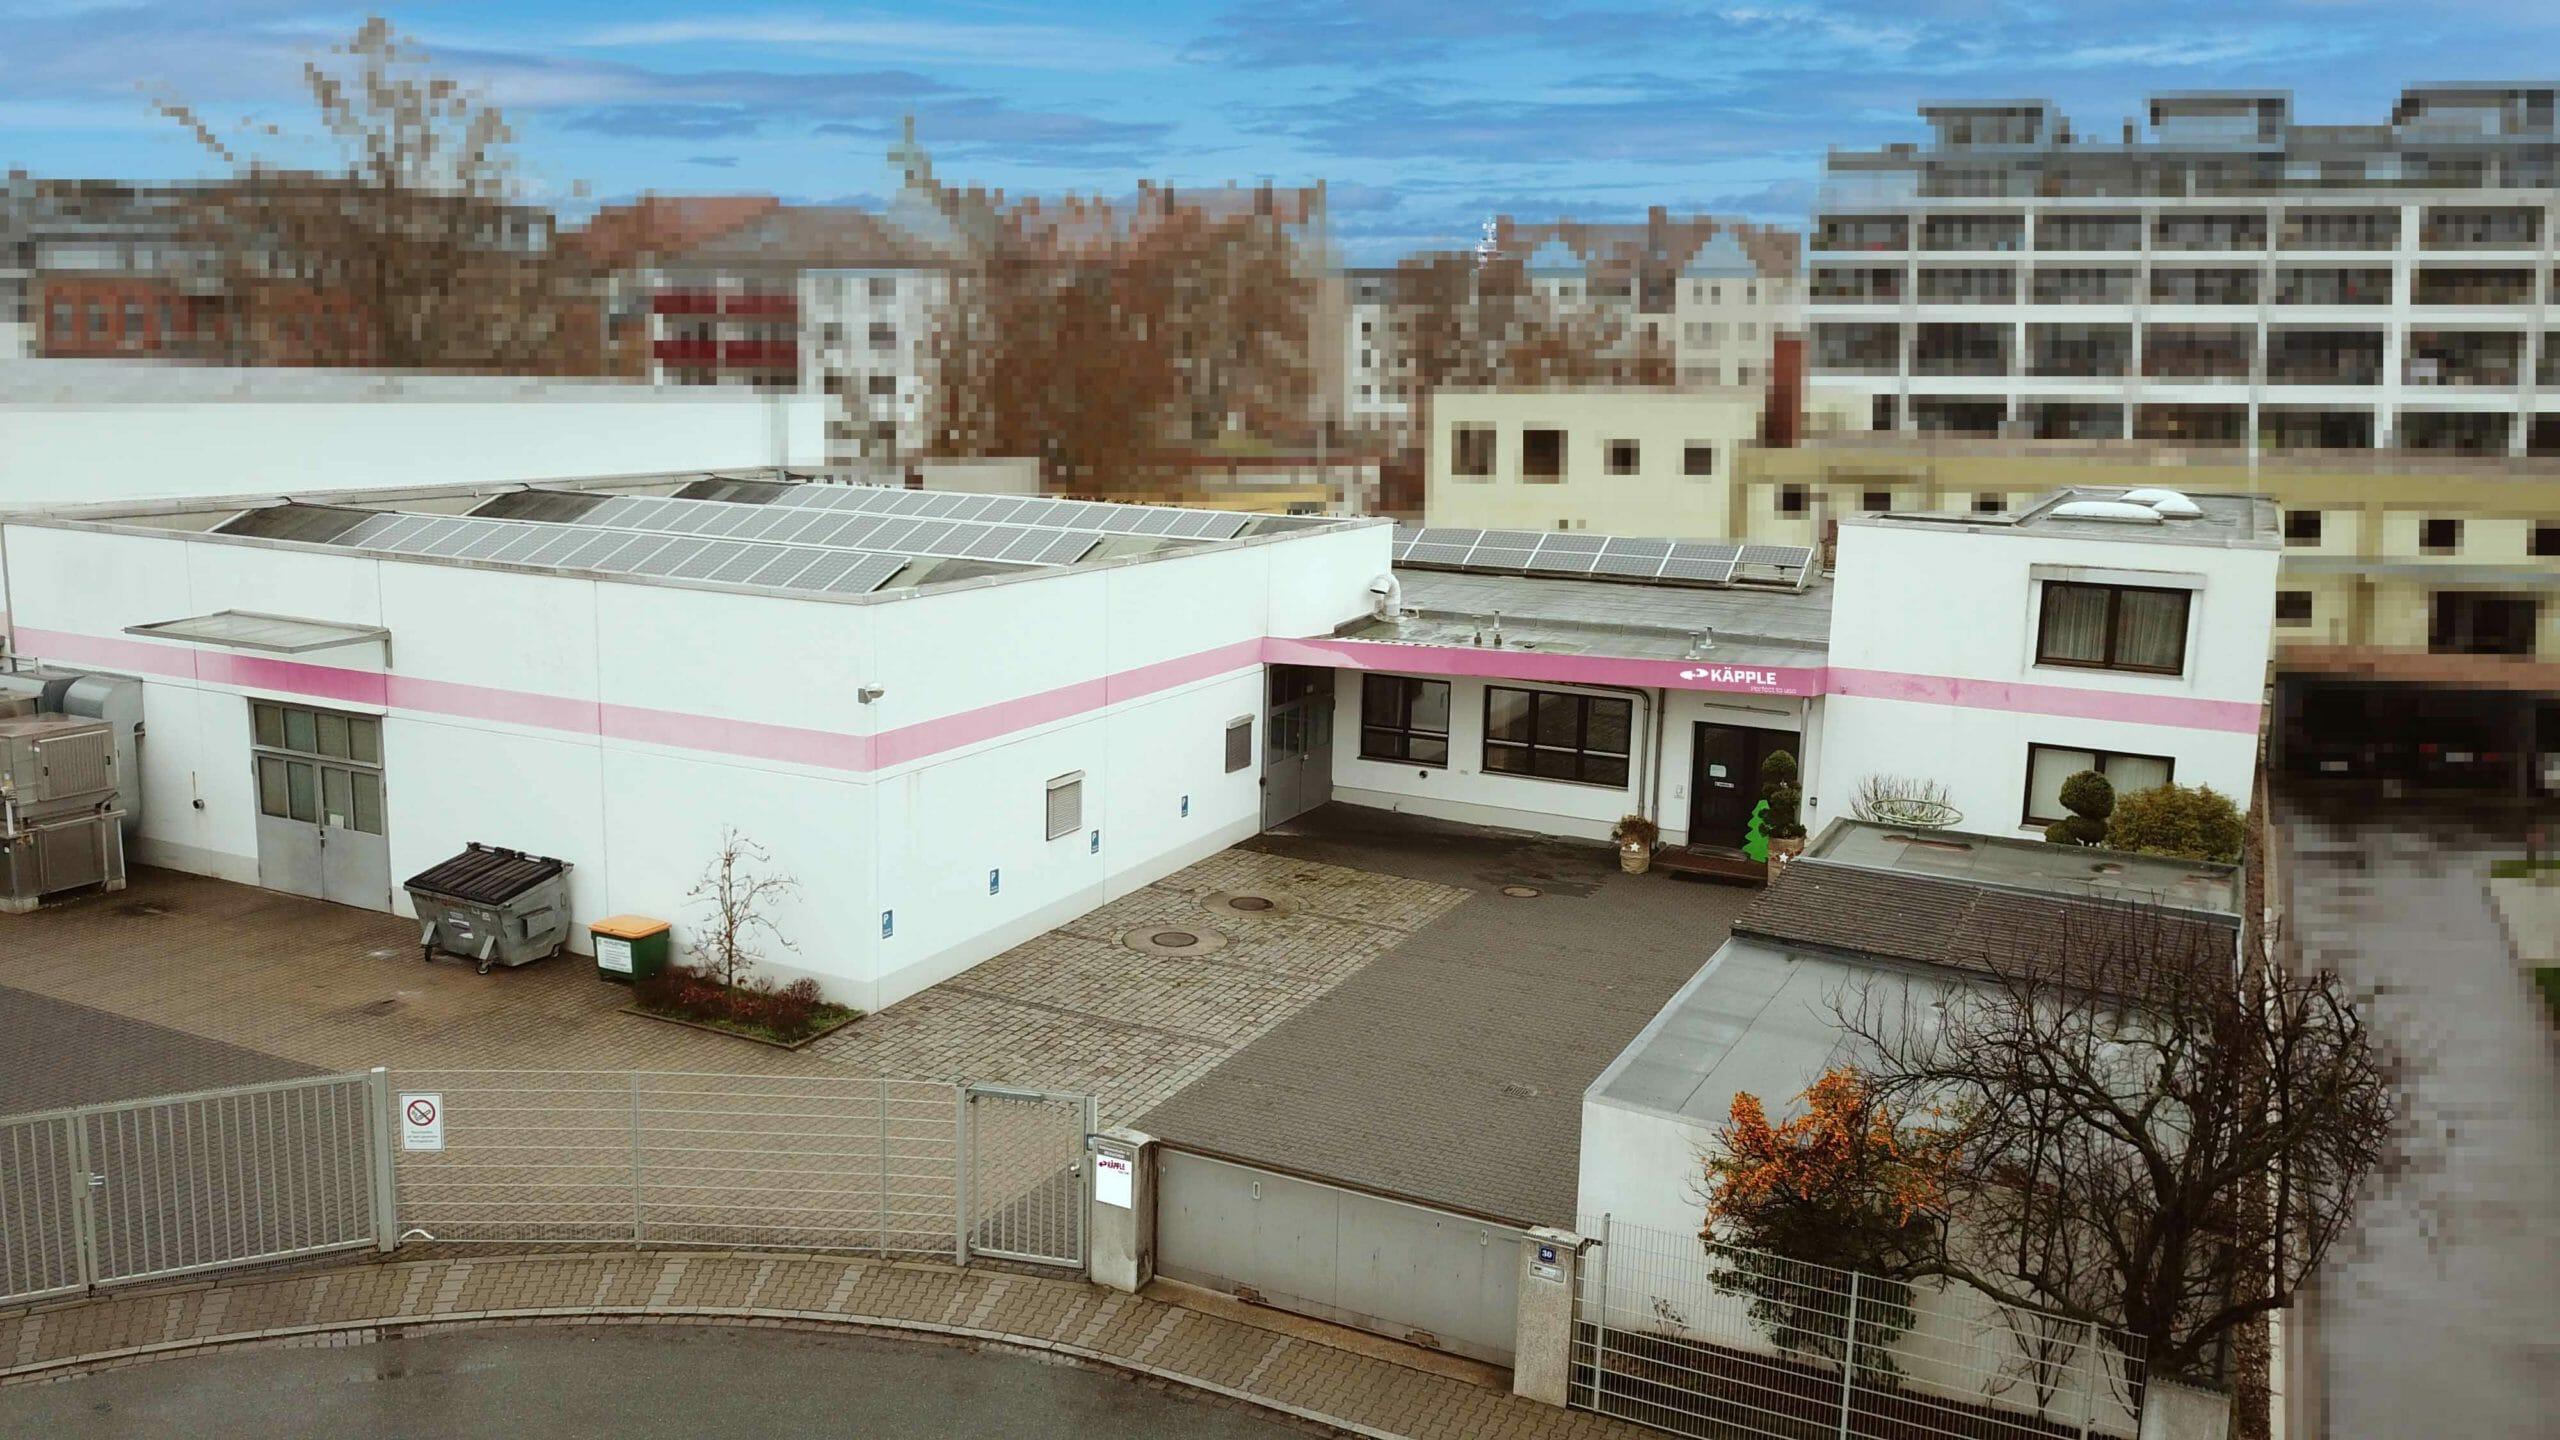 Standort Nürnberg scaled lohnverpackung konfektionierung kommissionierung konfektion kommission scaled